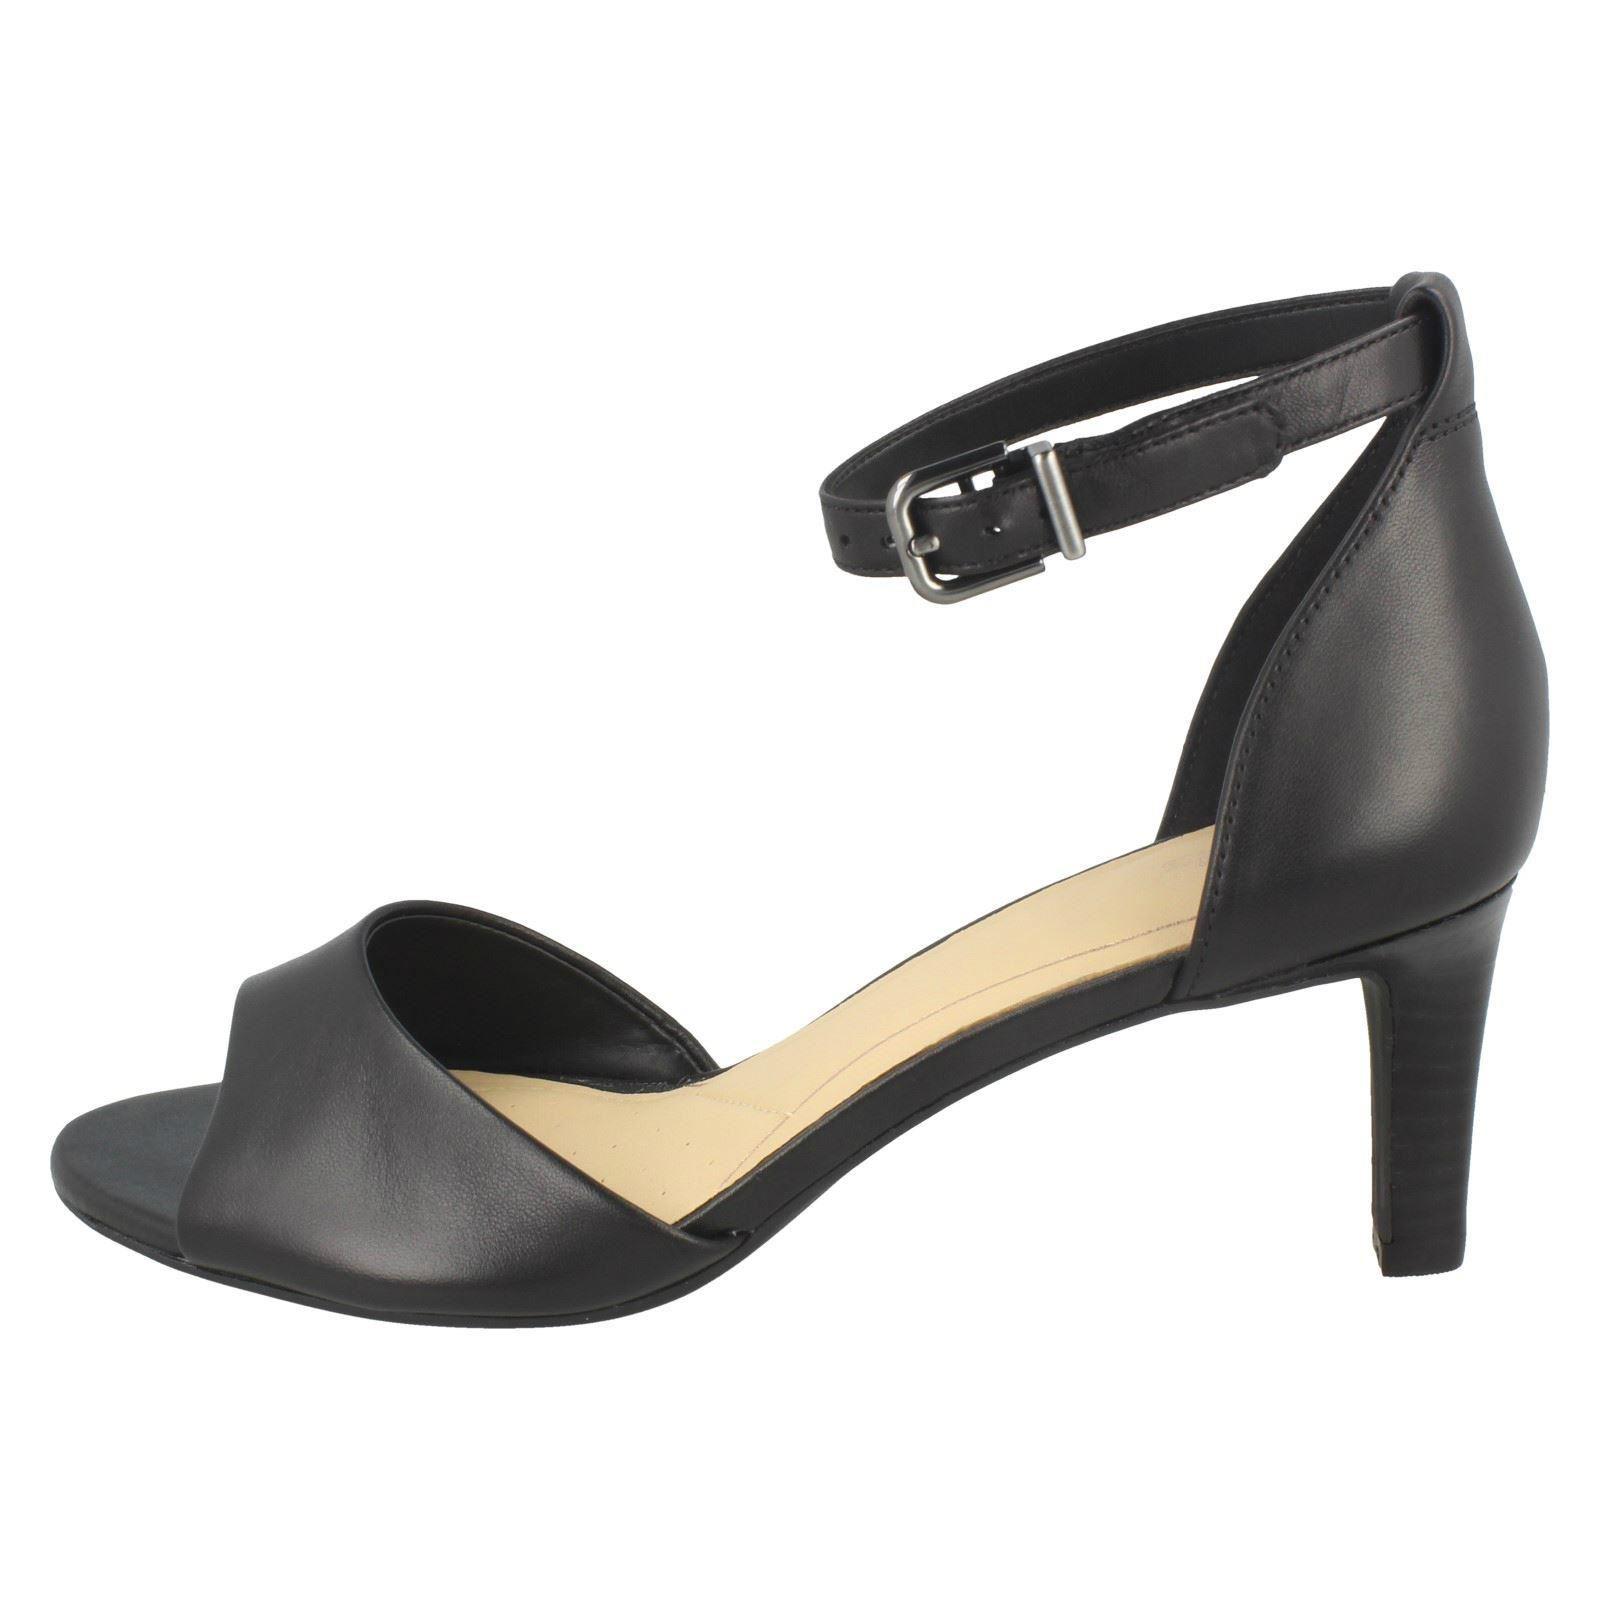 Ladies Clarks Elegant Stiletto Buckled Heeled Leather Sandals Laureti Laureti Laureti Grace 7e8ff2